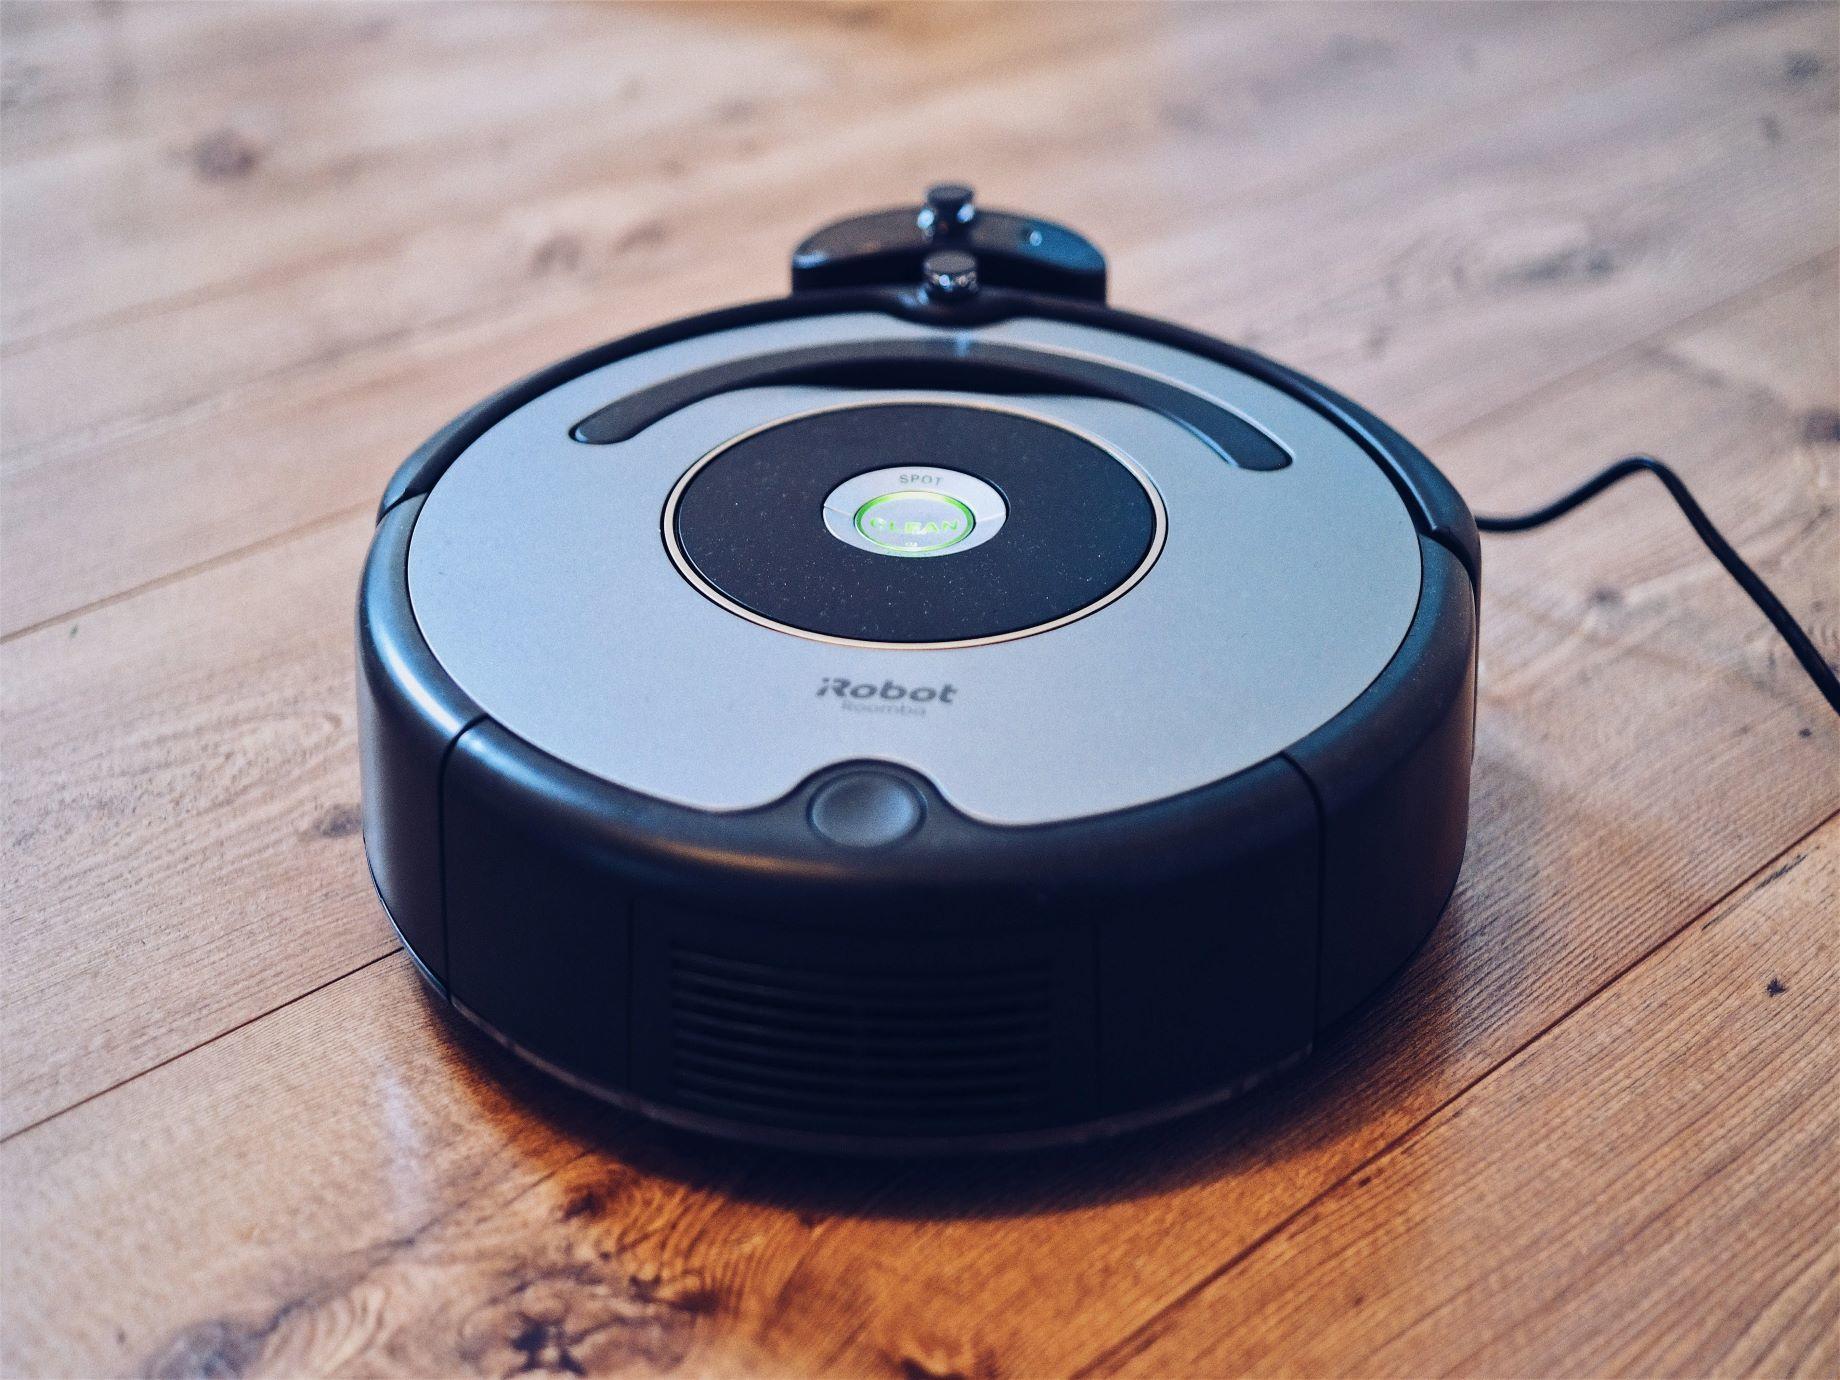 熱門掃地機器人來PK! 從大數據看小米、石頭、iRobot旗下明星商品誰佔上風?